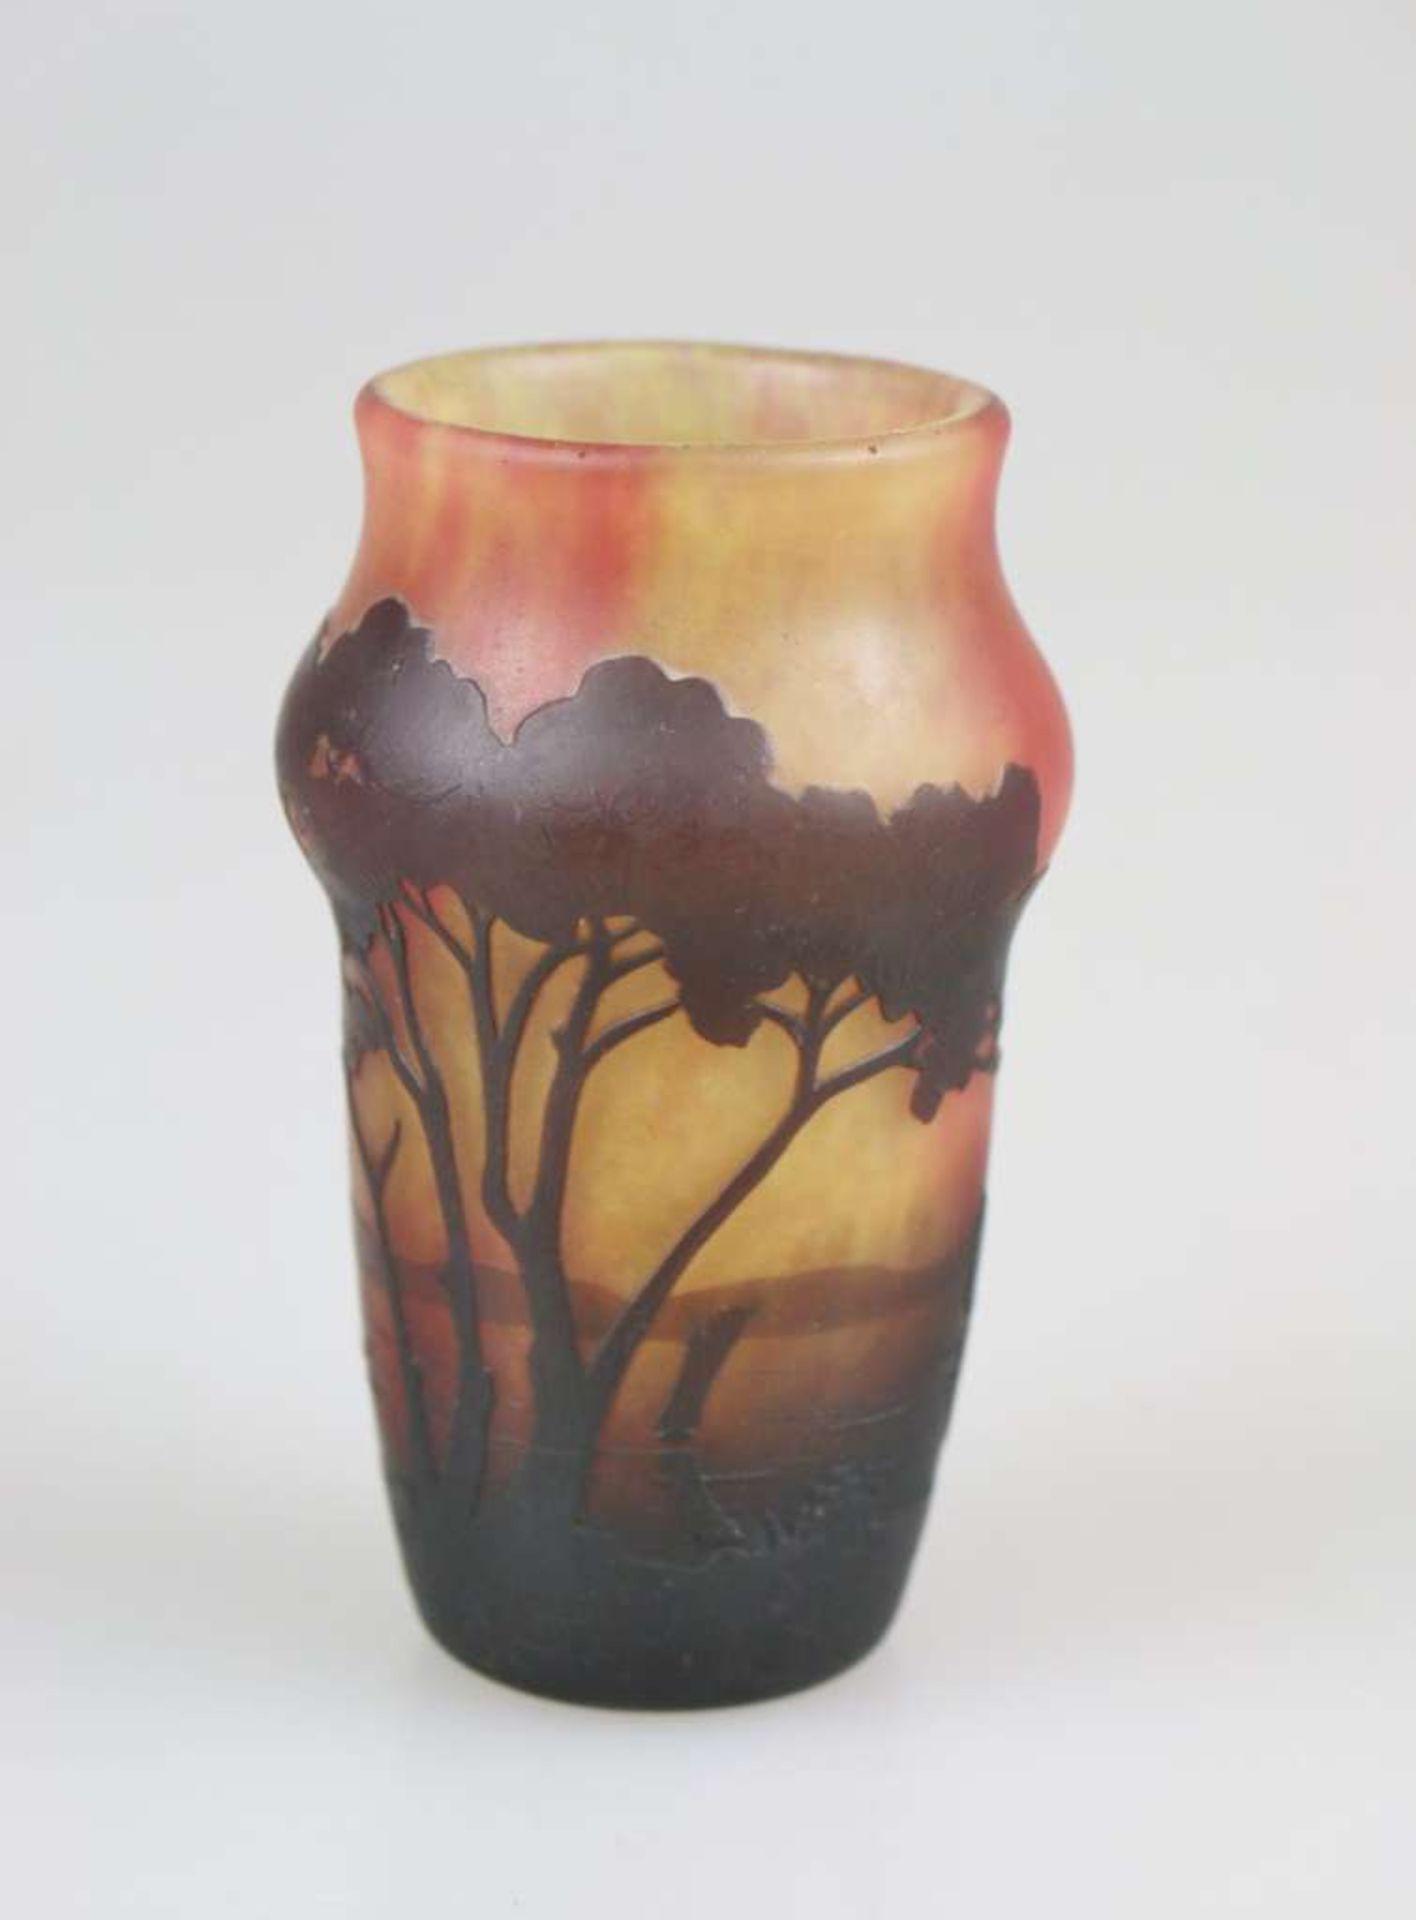 Daum Vase mit Seenlandschaft, Daum Frères, Nancy, um 1910, farbloses Glas mit mehrfarbigen Pul